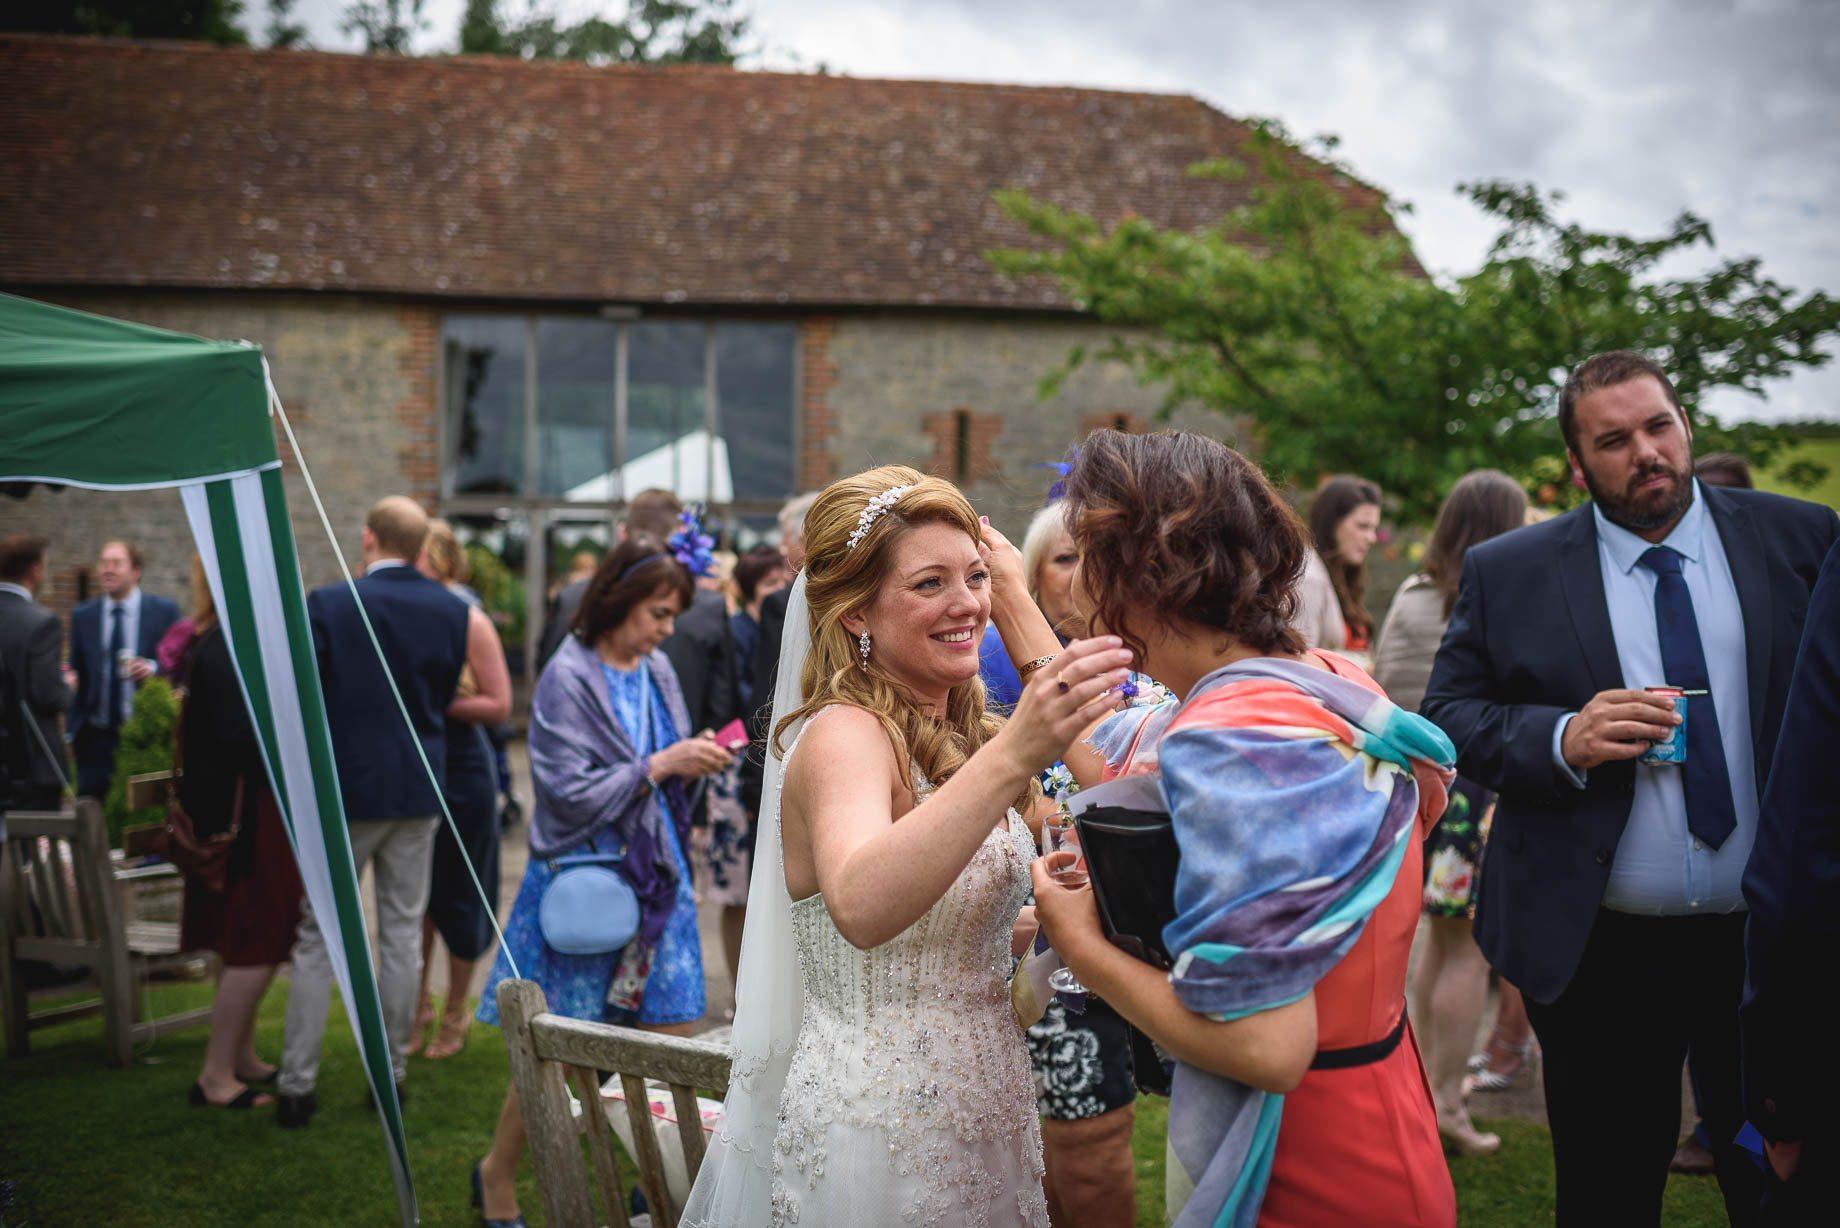 Bartholomew Barns wedding photography - Louise and Spencer (74 of 151)